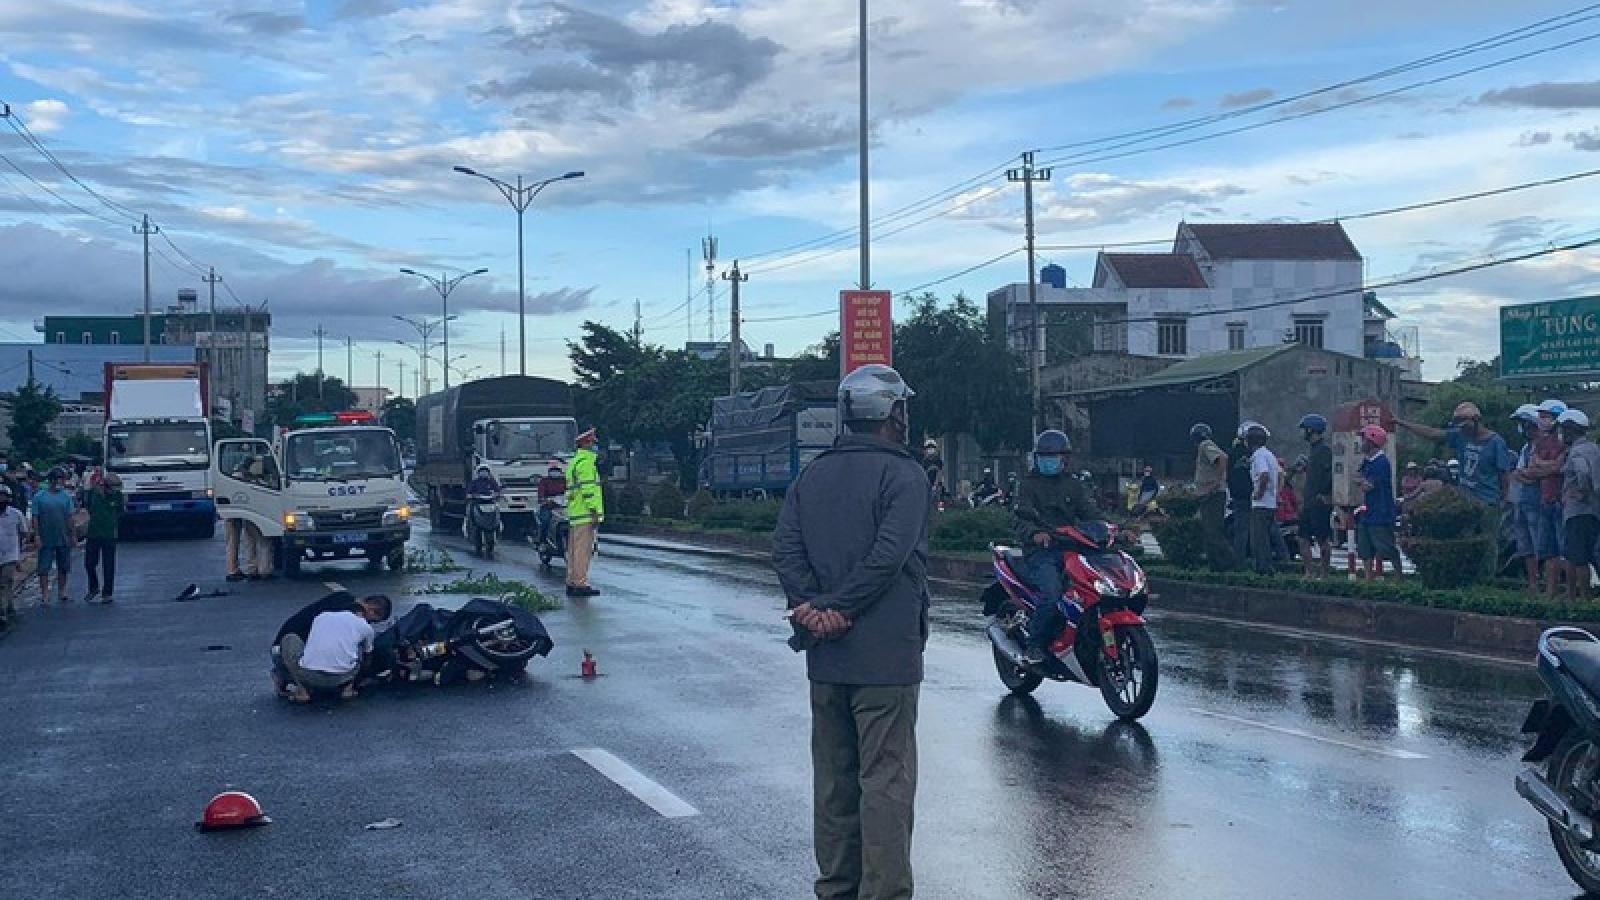 Va chạm với xe đầu kéo khiến 1 người tử vong, 1 người bị thương nặng